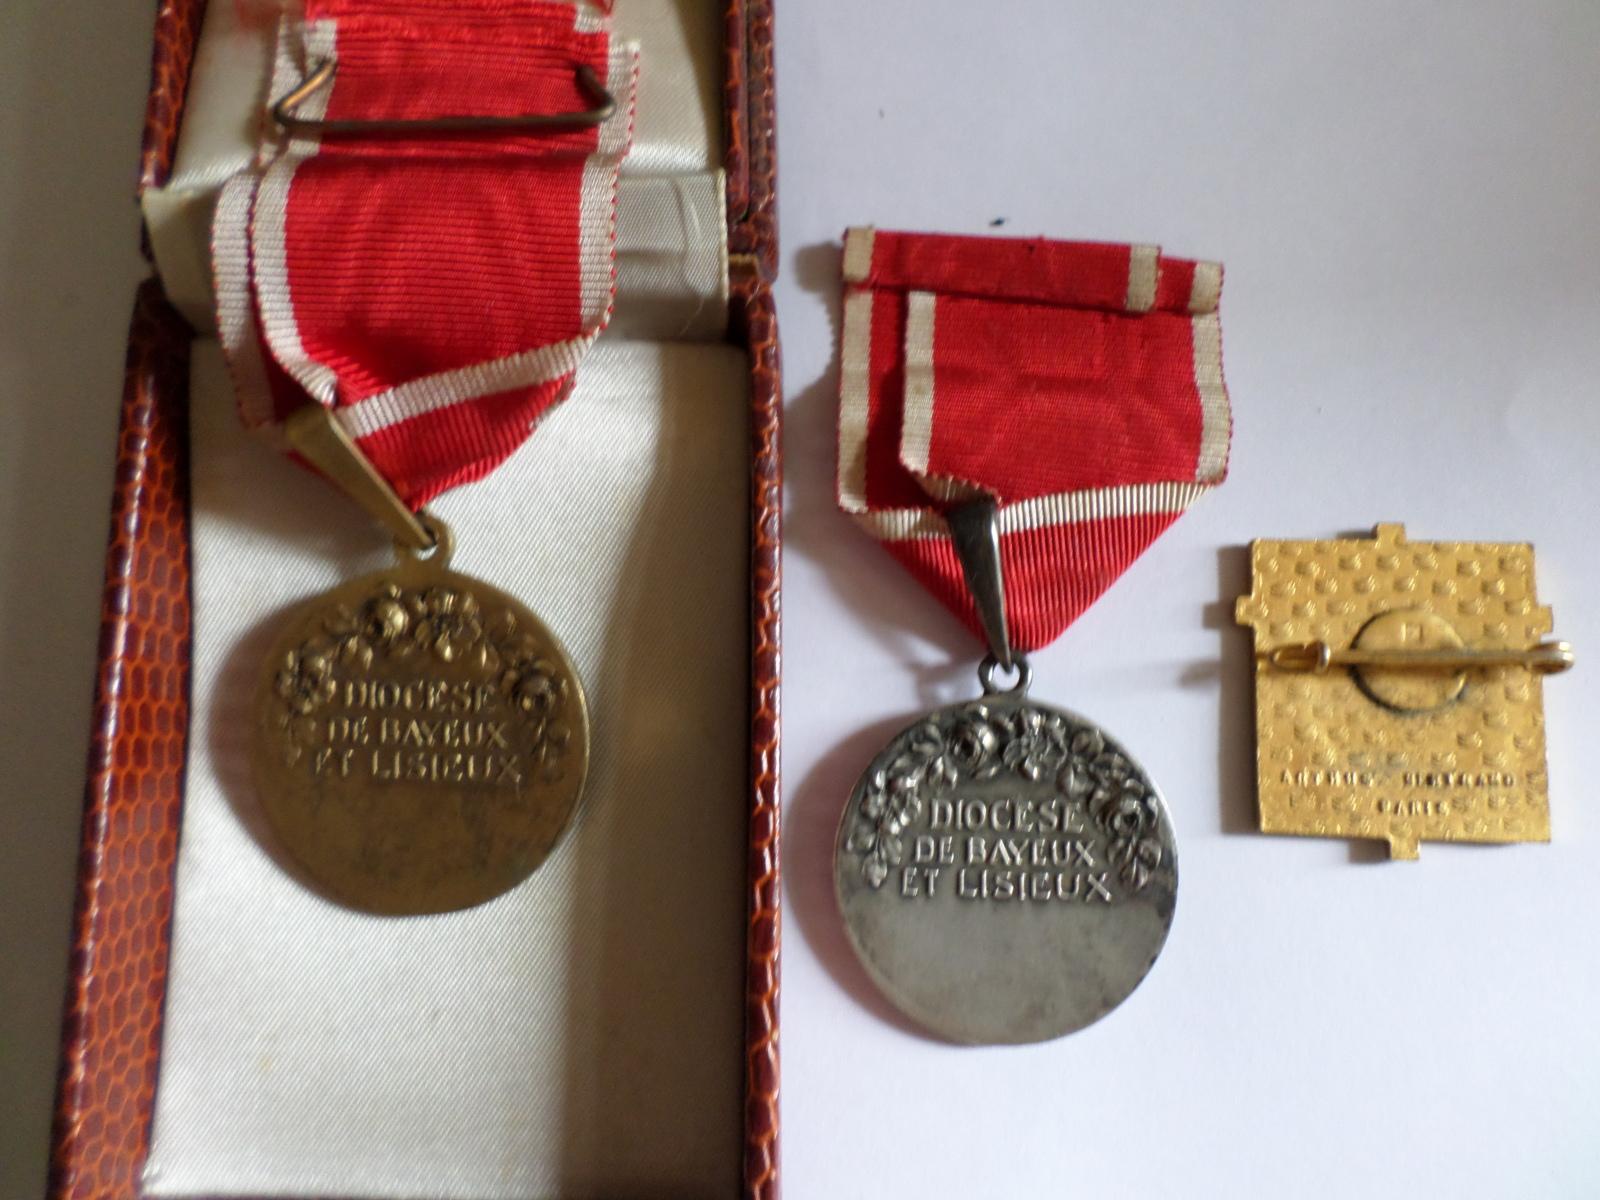 Médaille diocèse Bayeux et Lisieux 35b5w5d